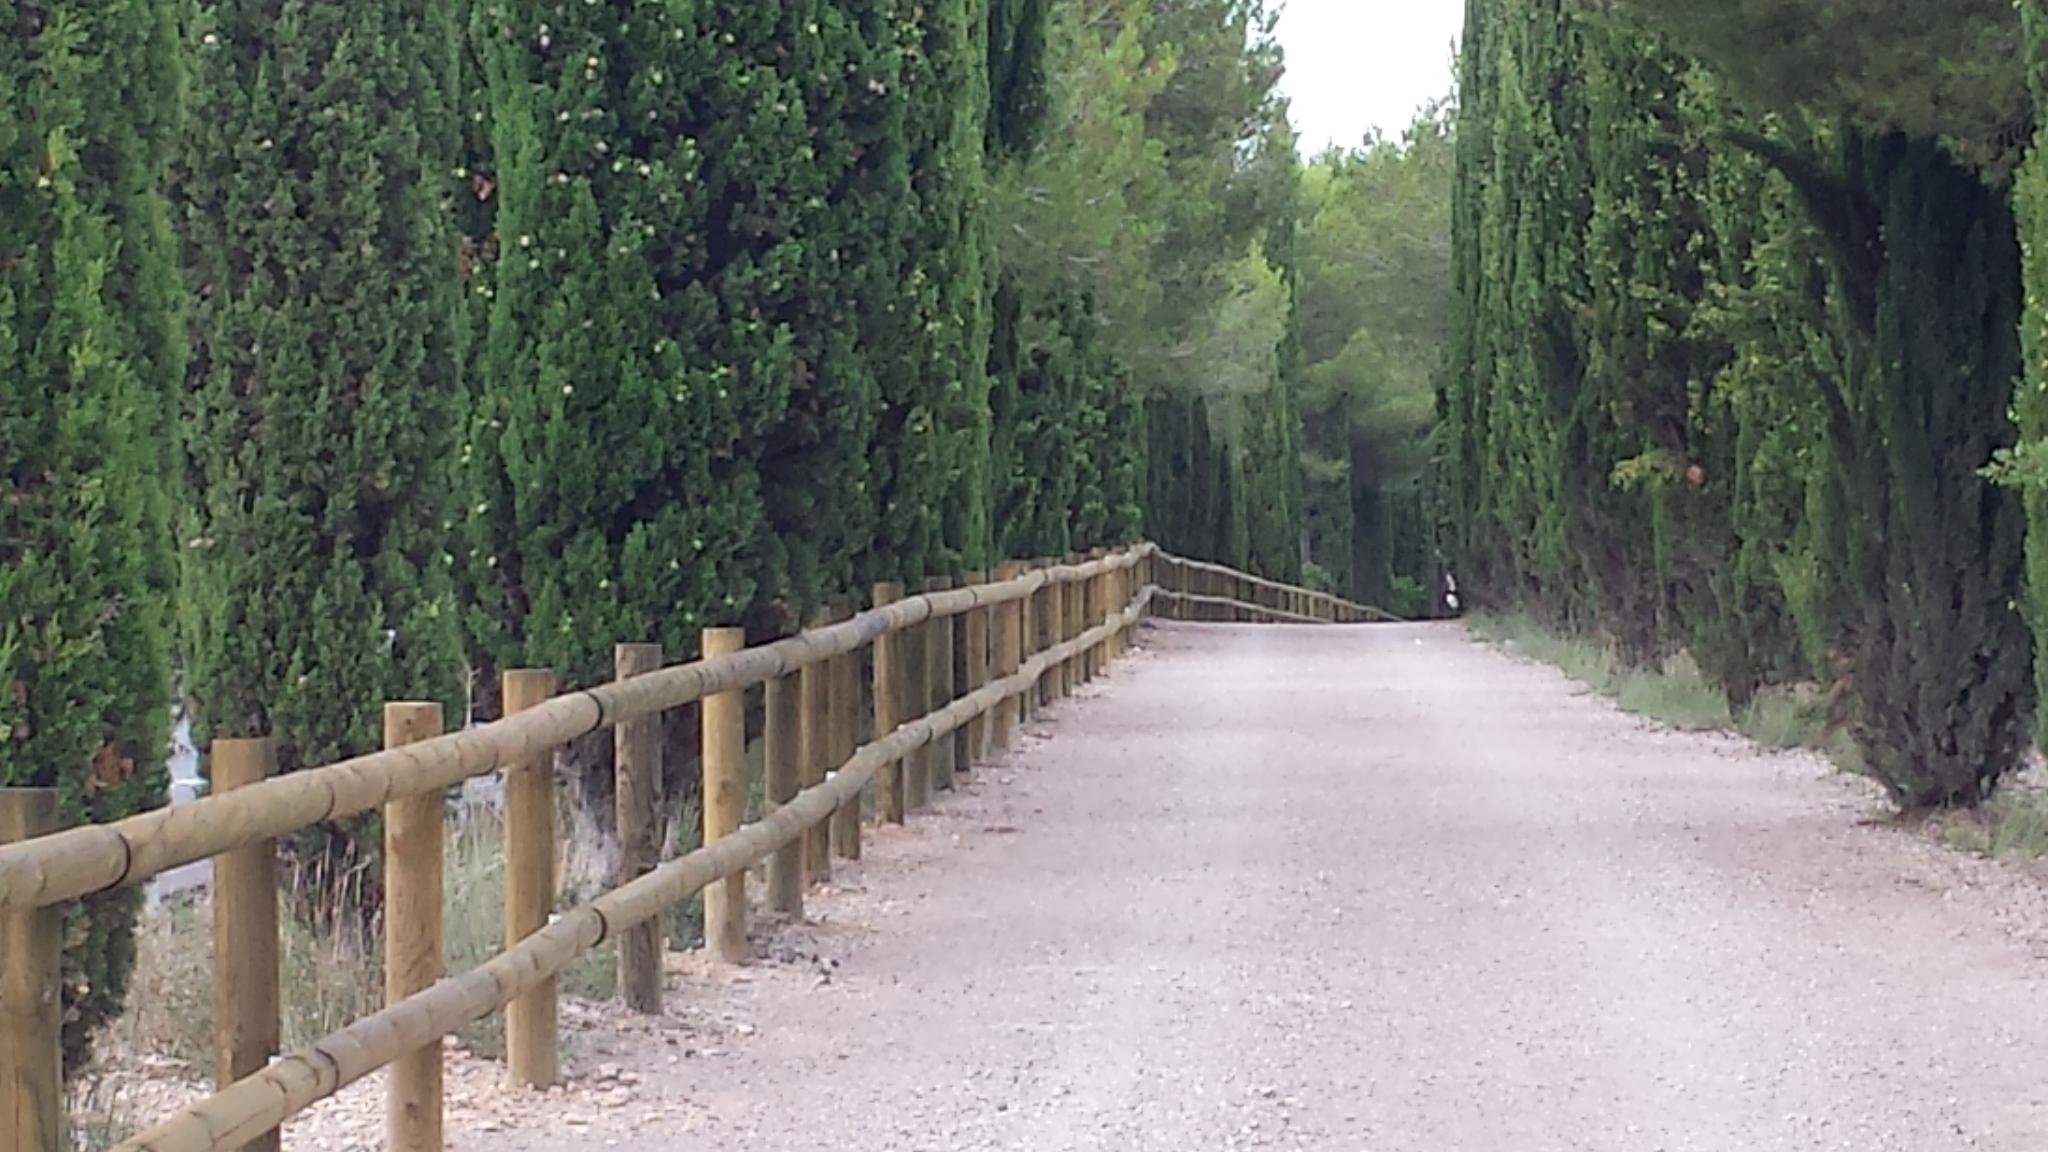 Vinuesa vallas cercados vallas ecologicas medio ambiente - Vallas de madera tratada ...